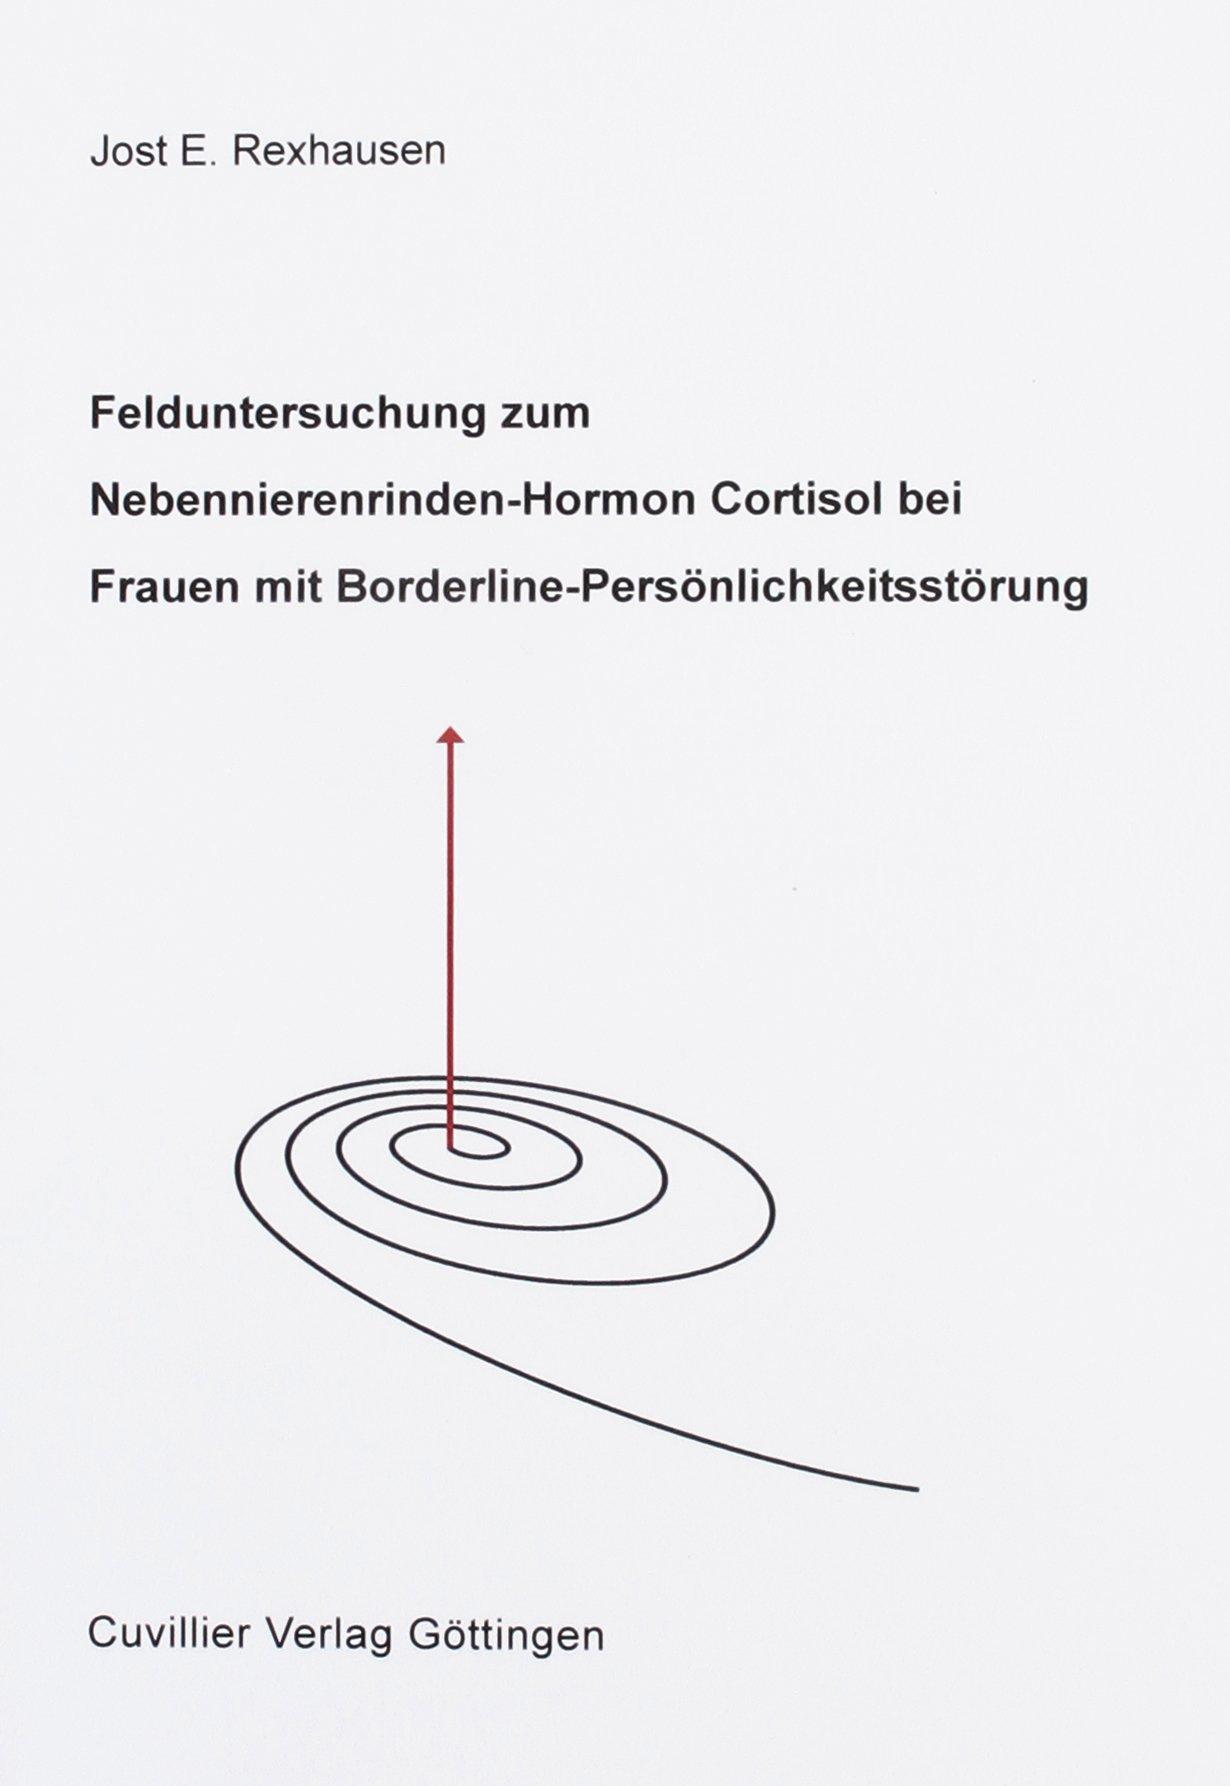 Großzügig Nebenniere Diagramm Zeitgenössisch - Physiologie Von ...